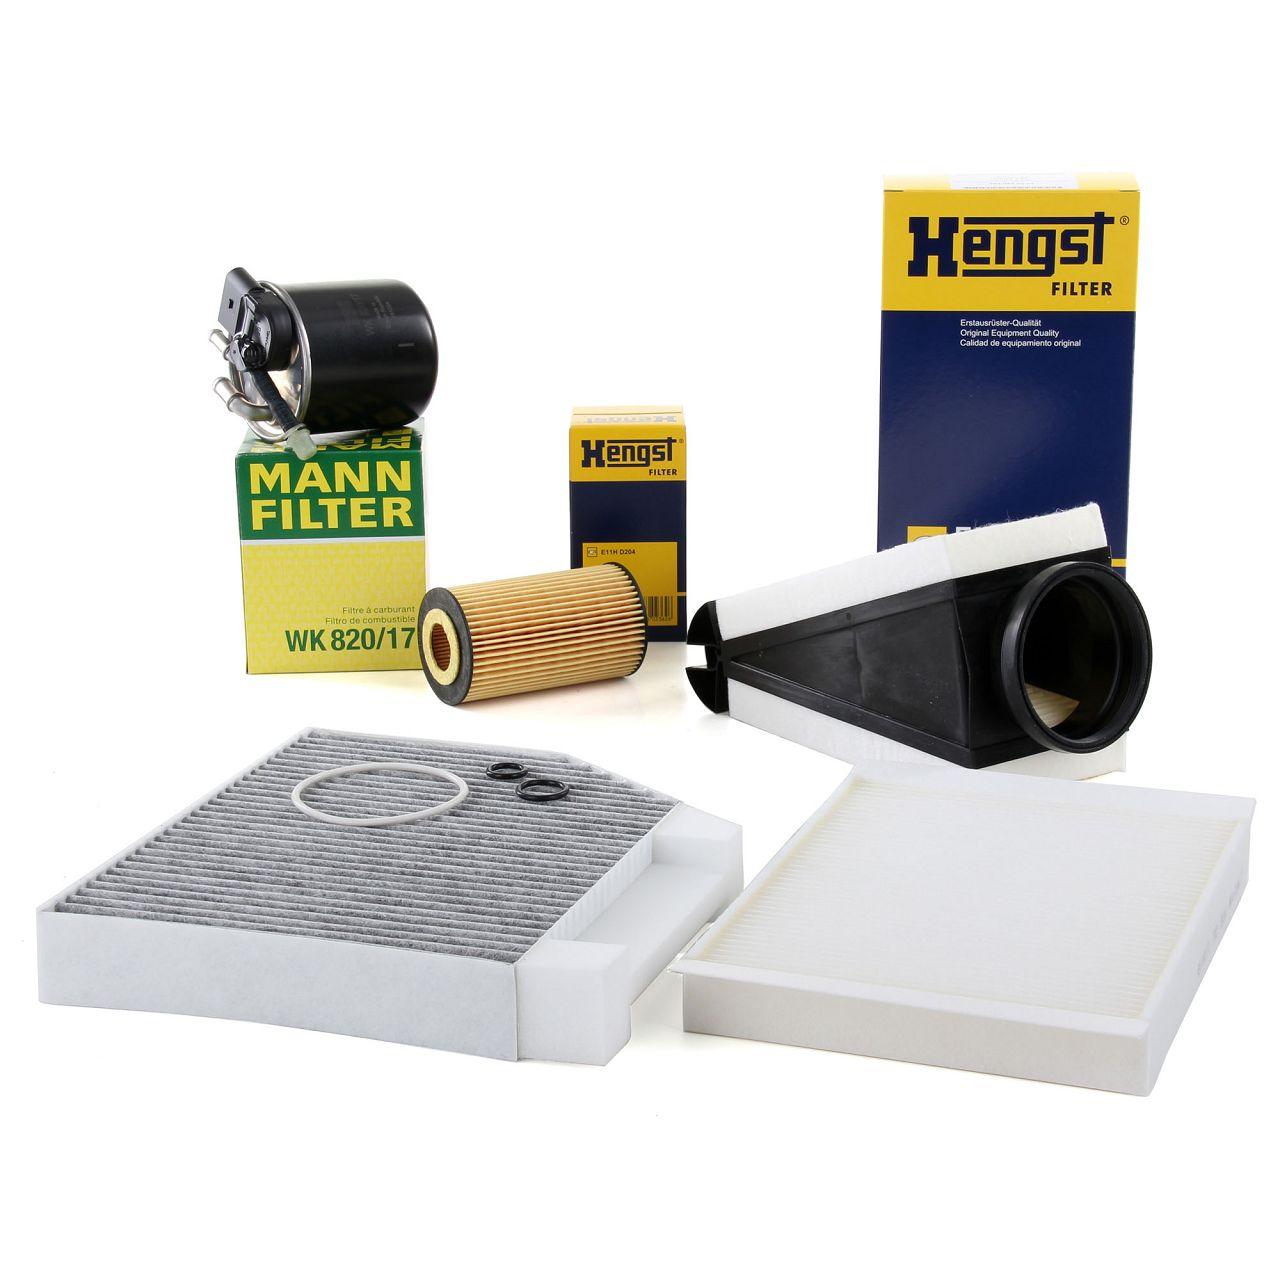 Filterset MERCEDES C-Klasse W205 C220/250/300 BlueTEC/d C220d 4-matic OM651